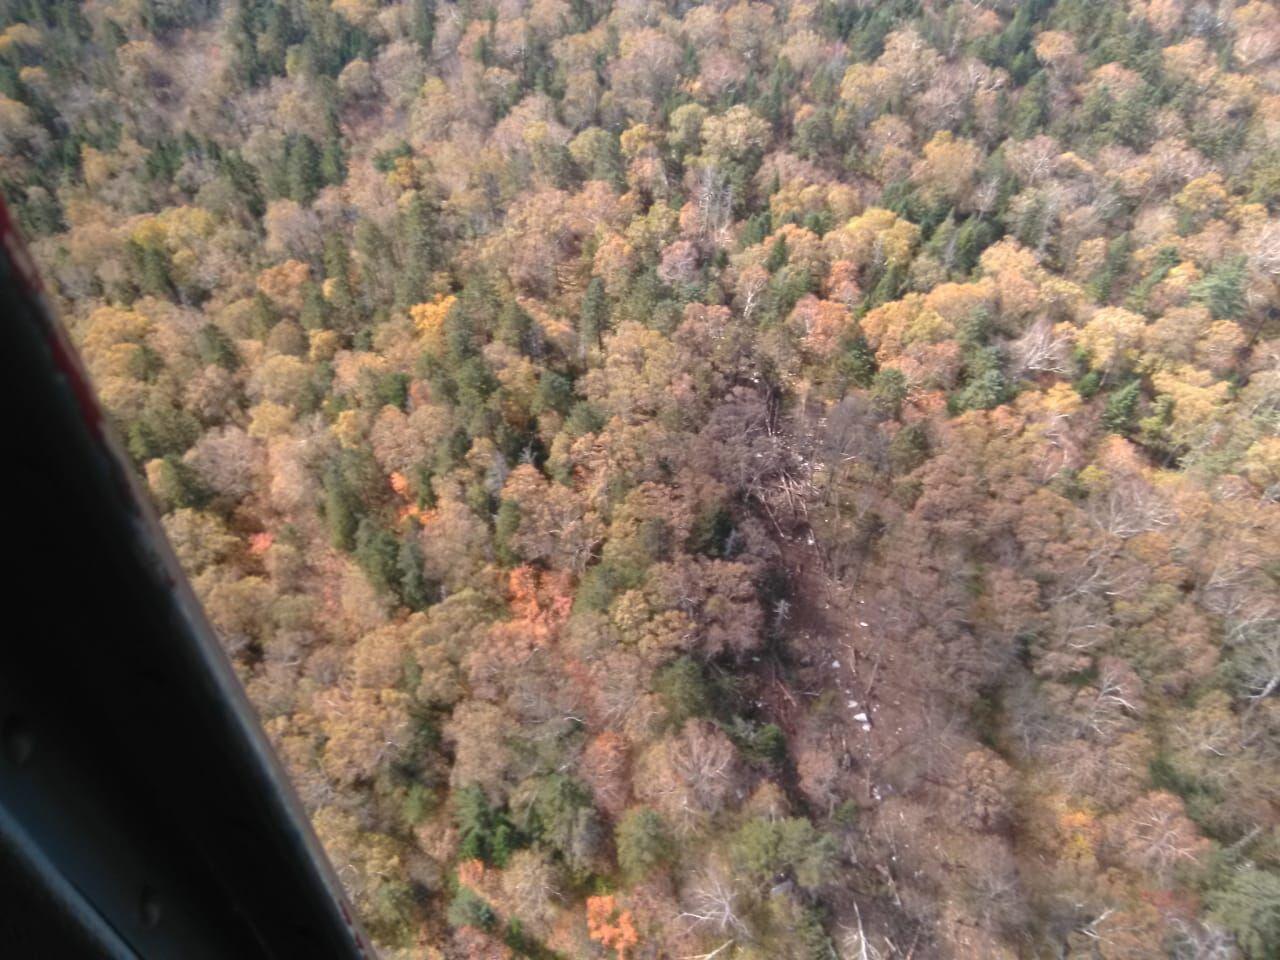 МЧС опубликовало фотографии с места крушения самолета АН-26 под Хабаровском